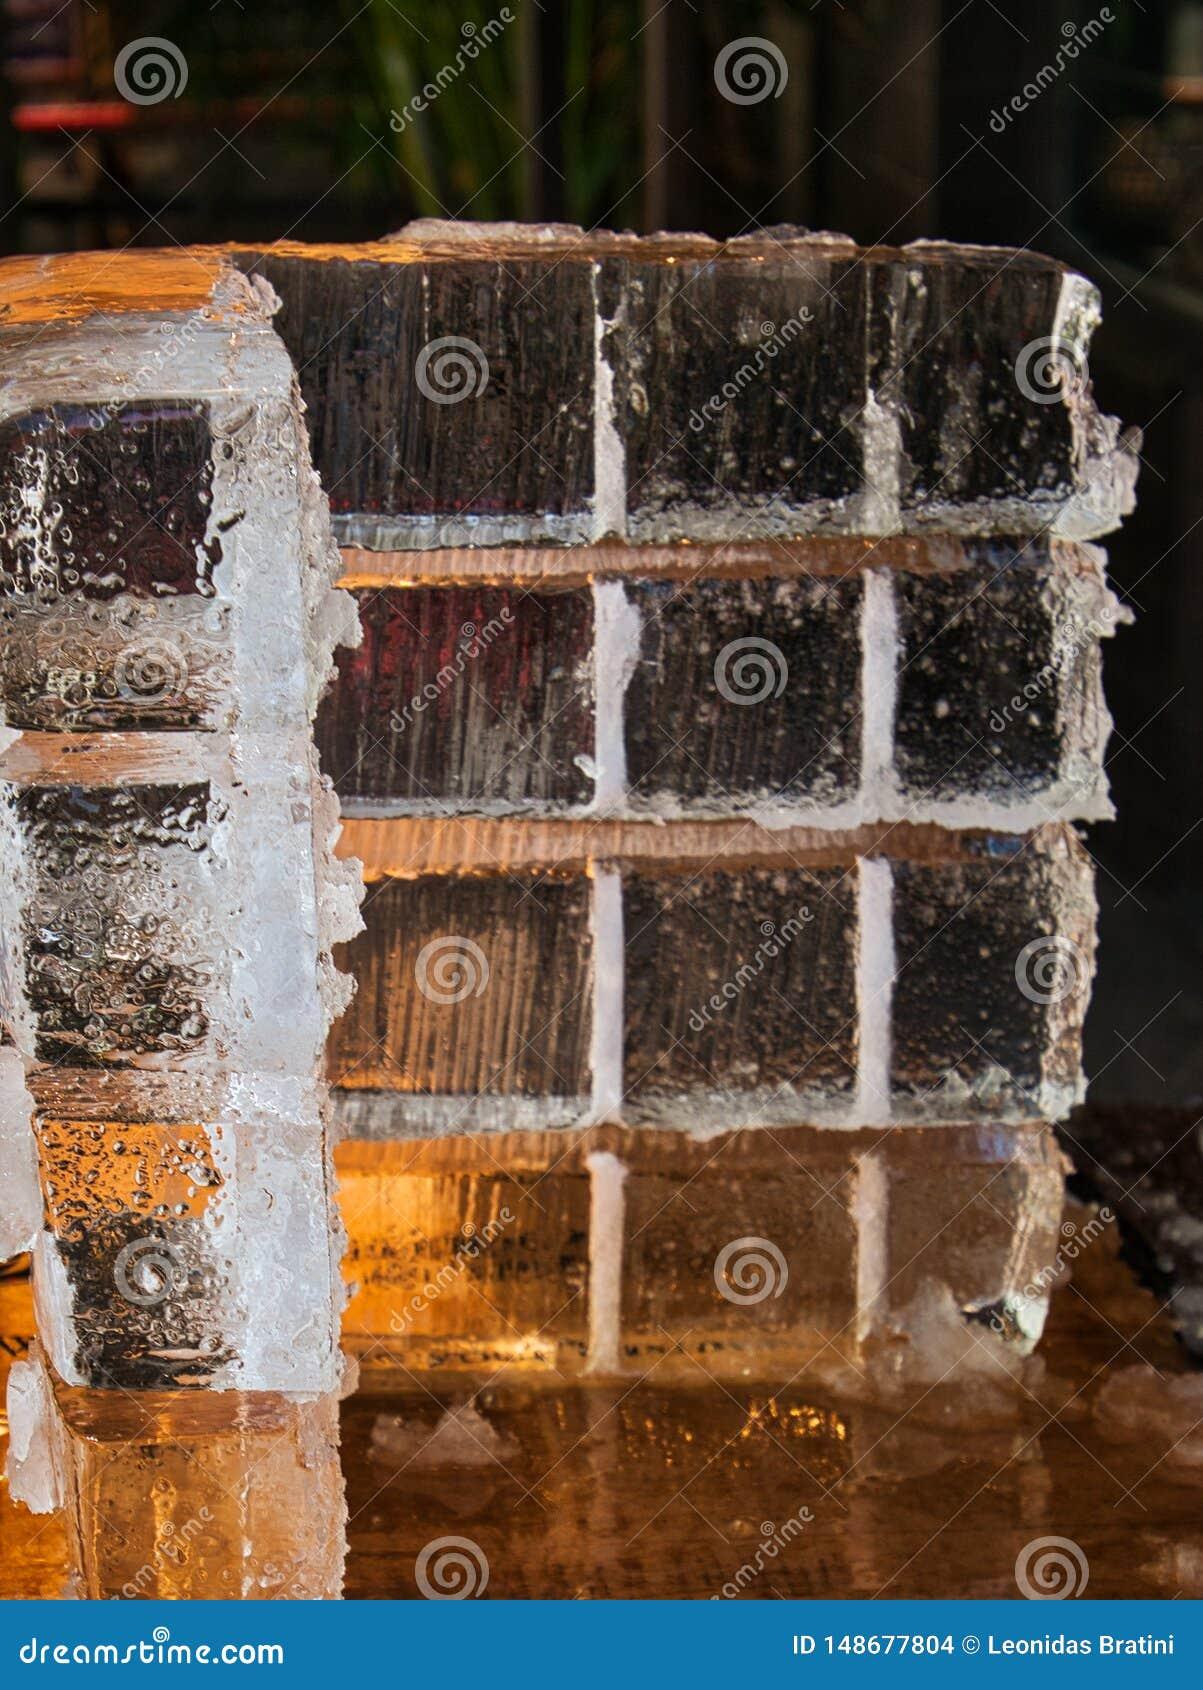 Cubos de gelo gigantes para bebidas